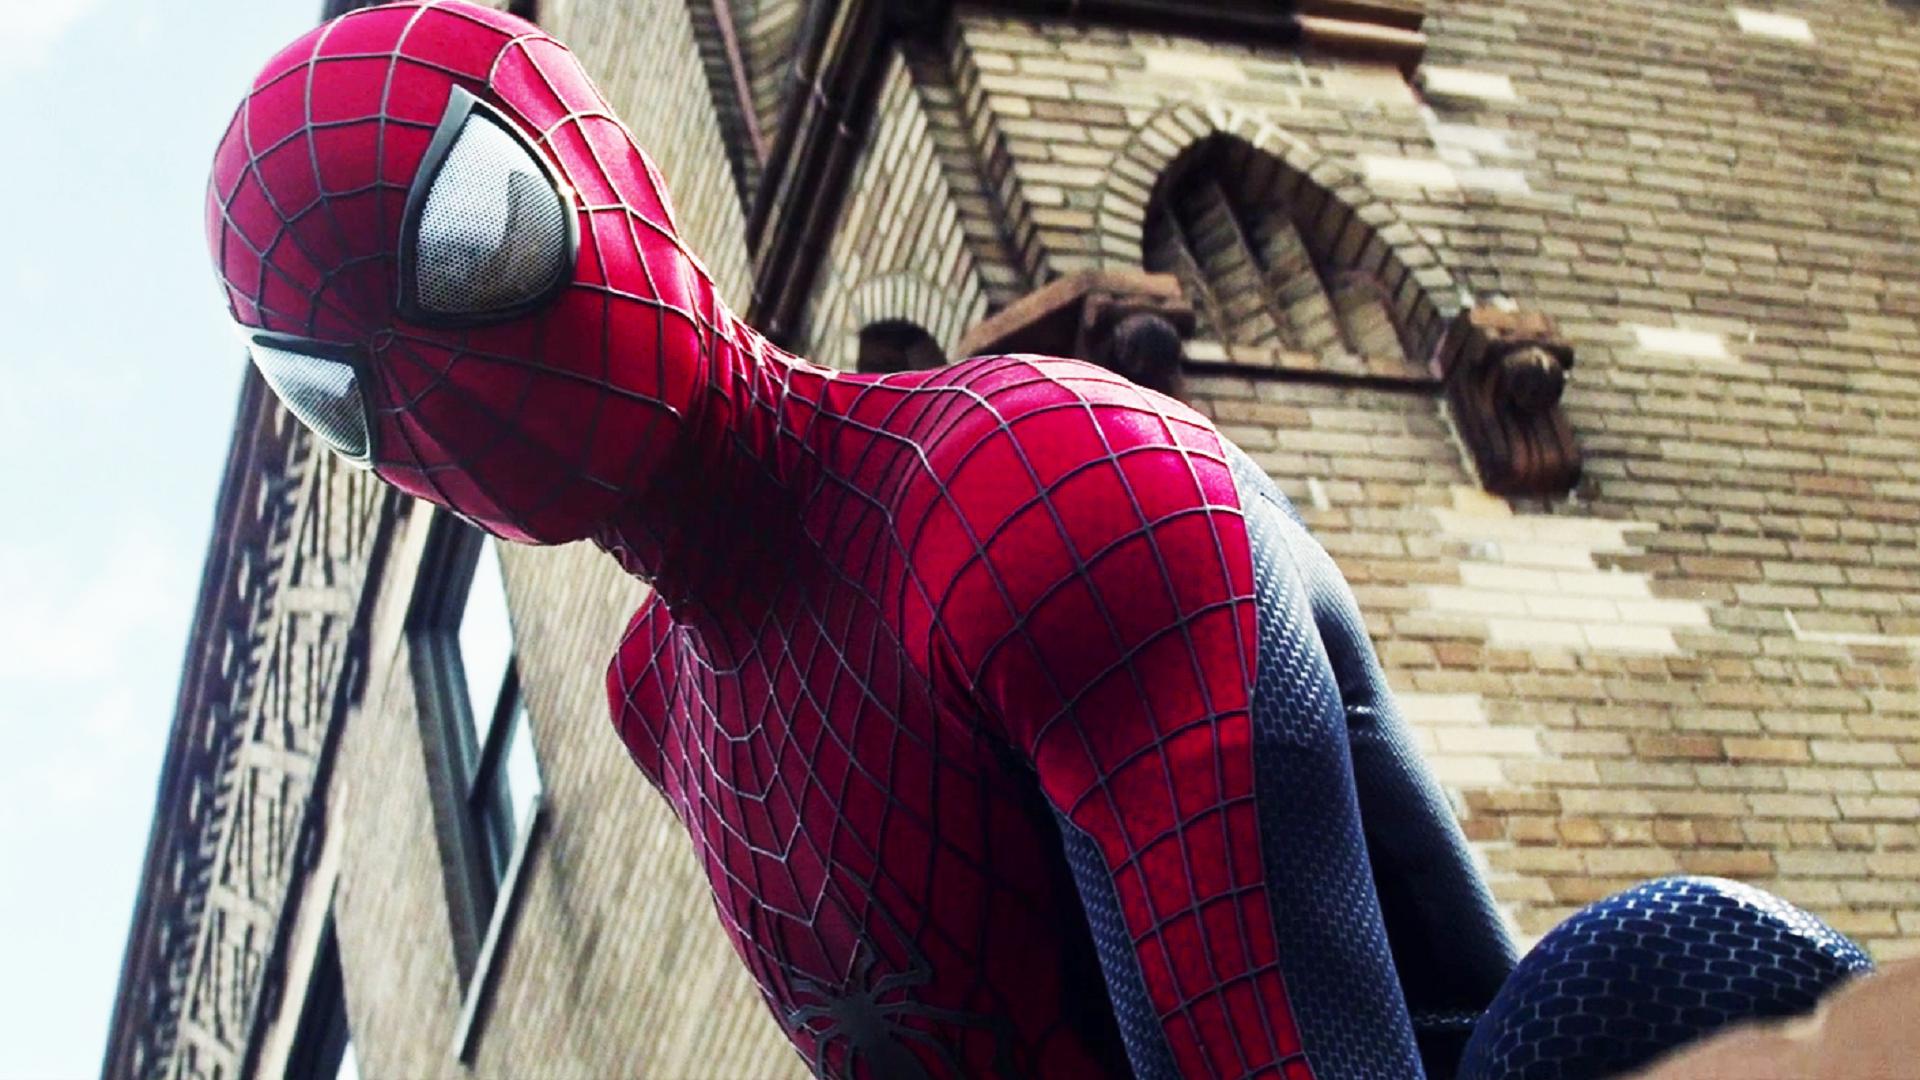 Spider Man 1920x1080